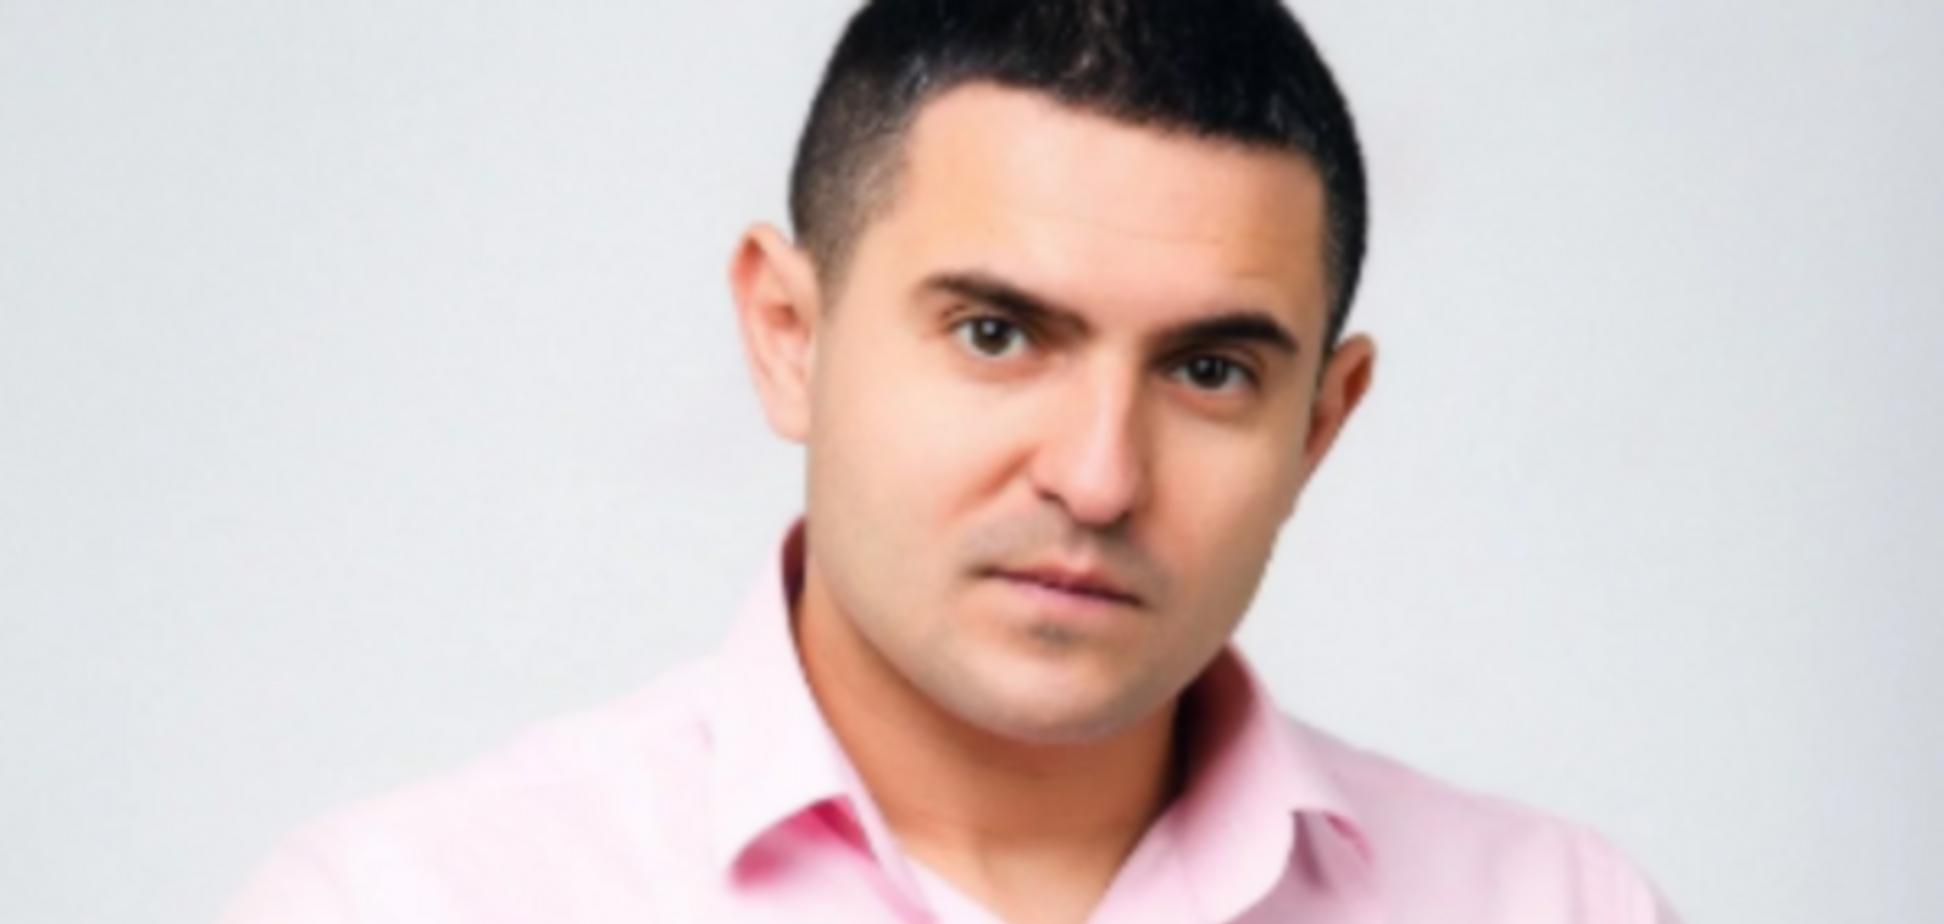 Служив в армії Ізраїлю: блогер Куницький із 'Слуги народу' потрапив у новий скандал